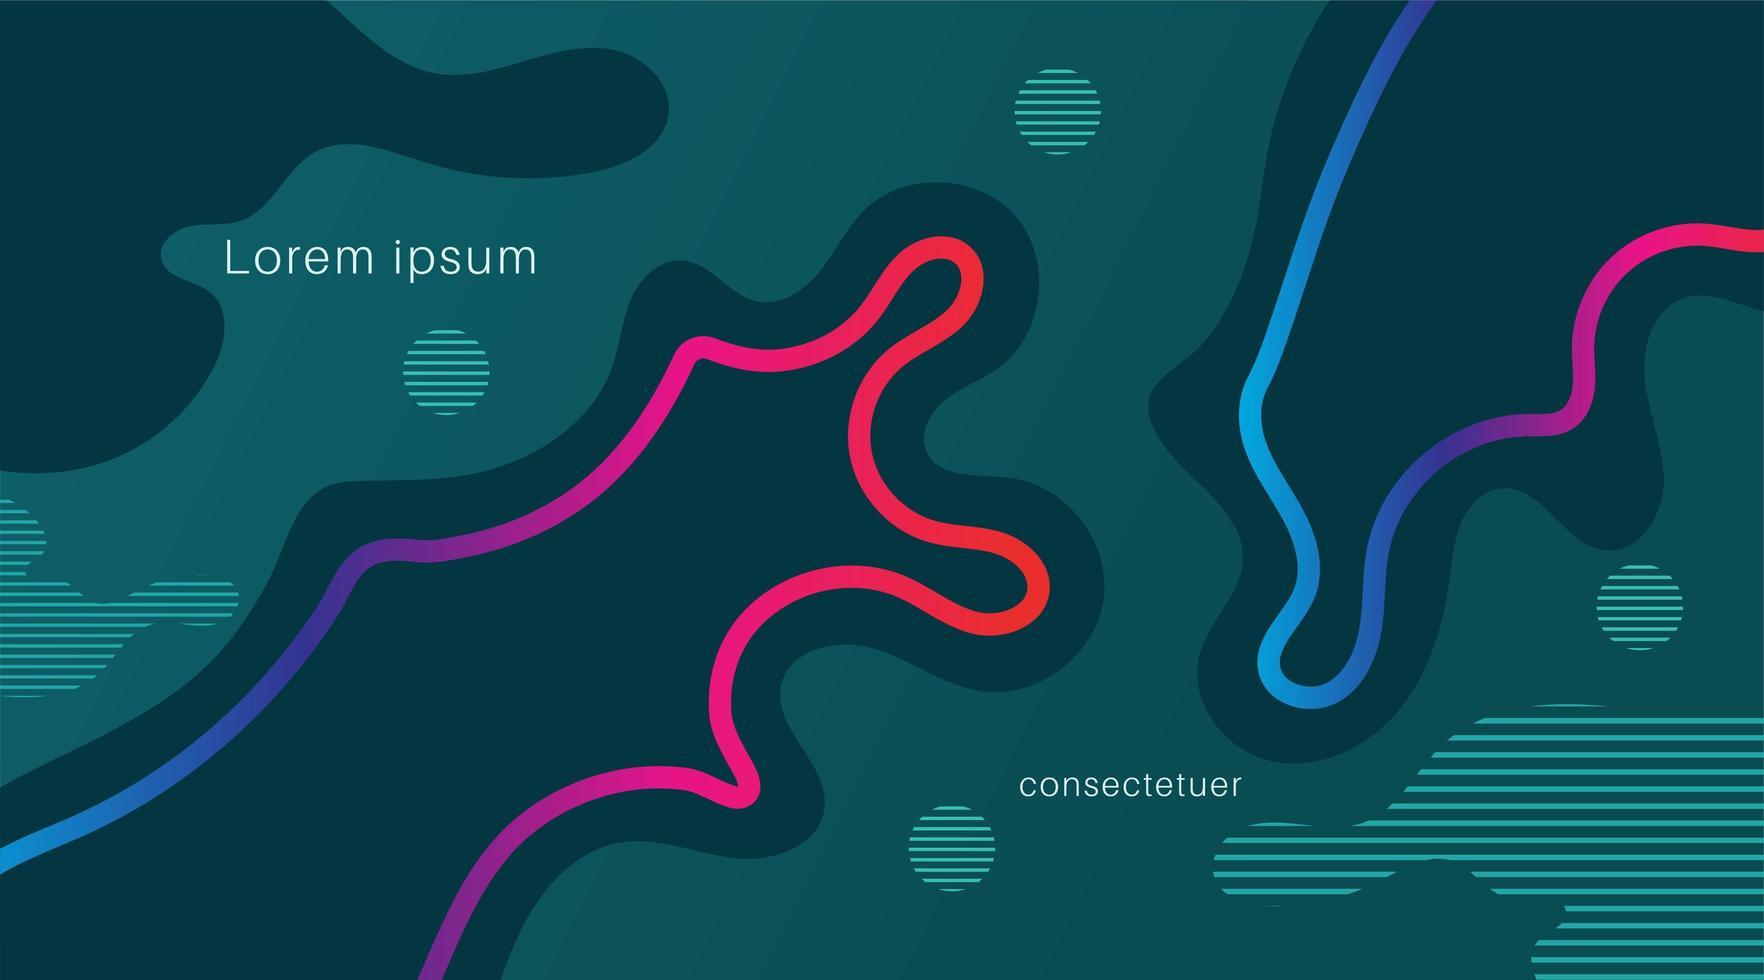 formas y ondas de colores dinámicos. banner abstracto degradado con formas fluidas que fluyen. vector de fondo